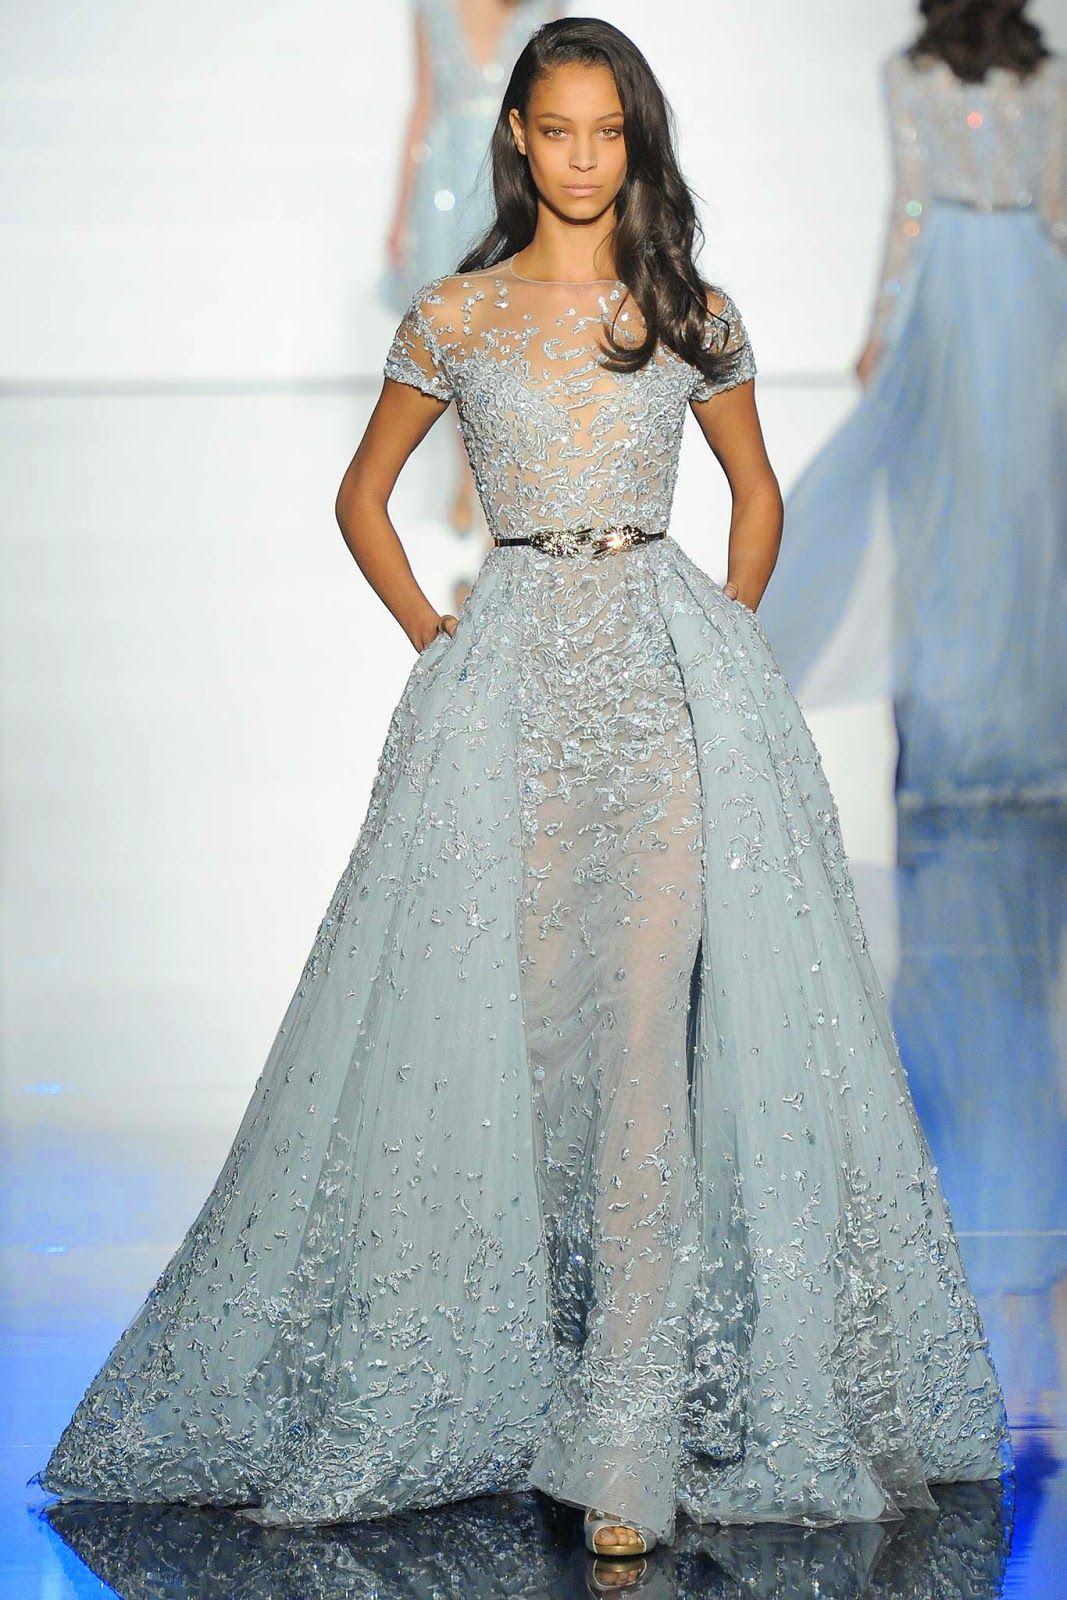 Zuhair Murad 12 Kollektion, Zuhair Murad Abendkleid Modelle